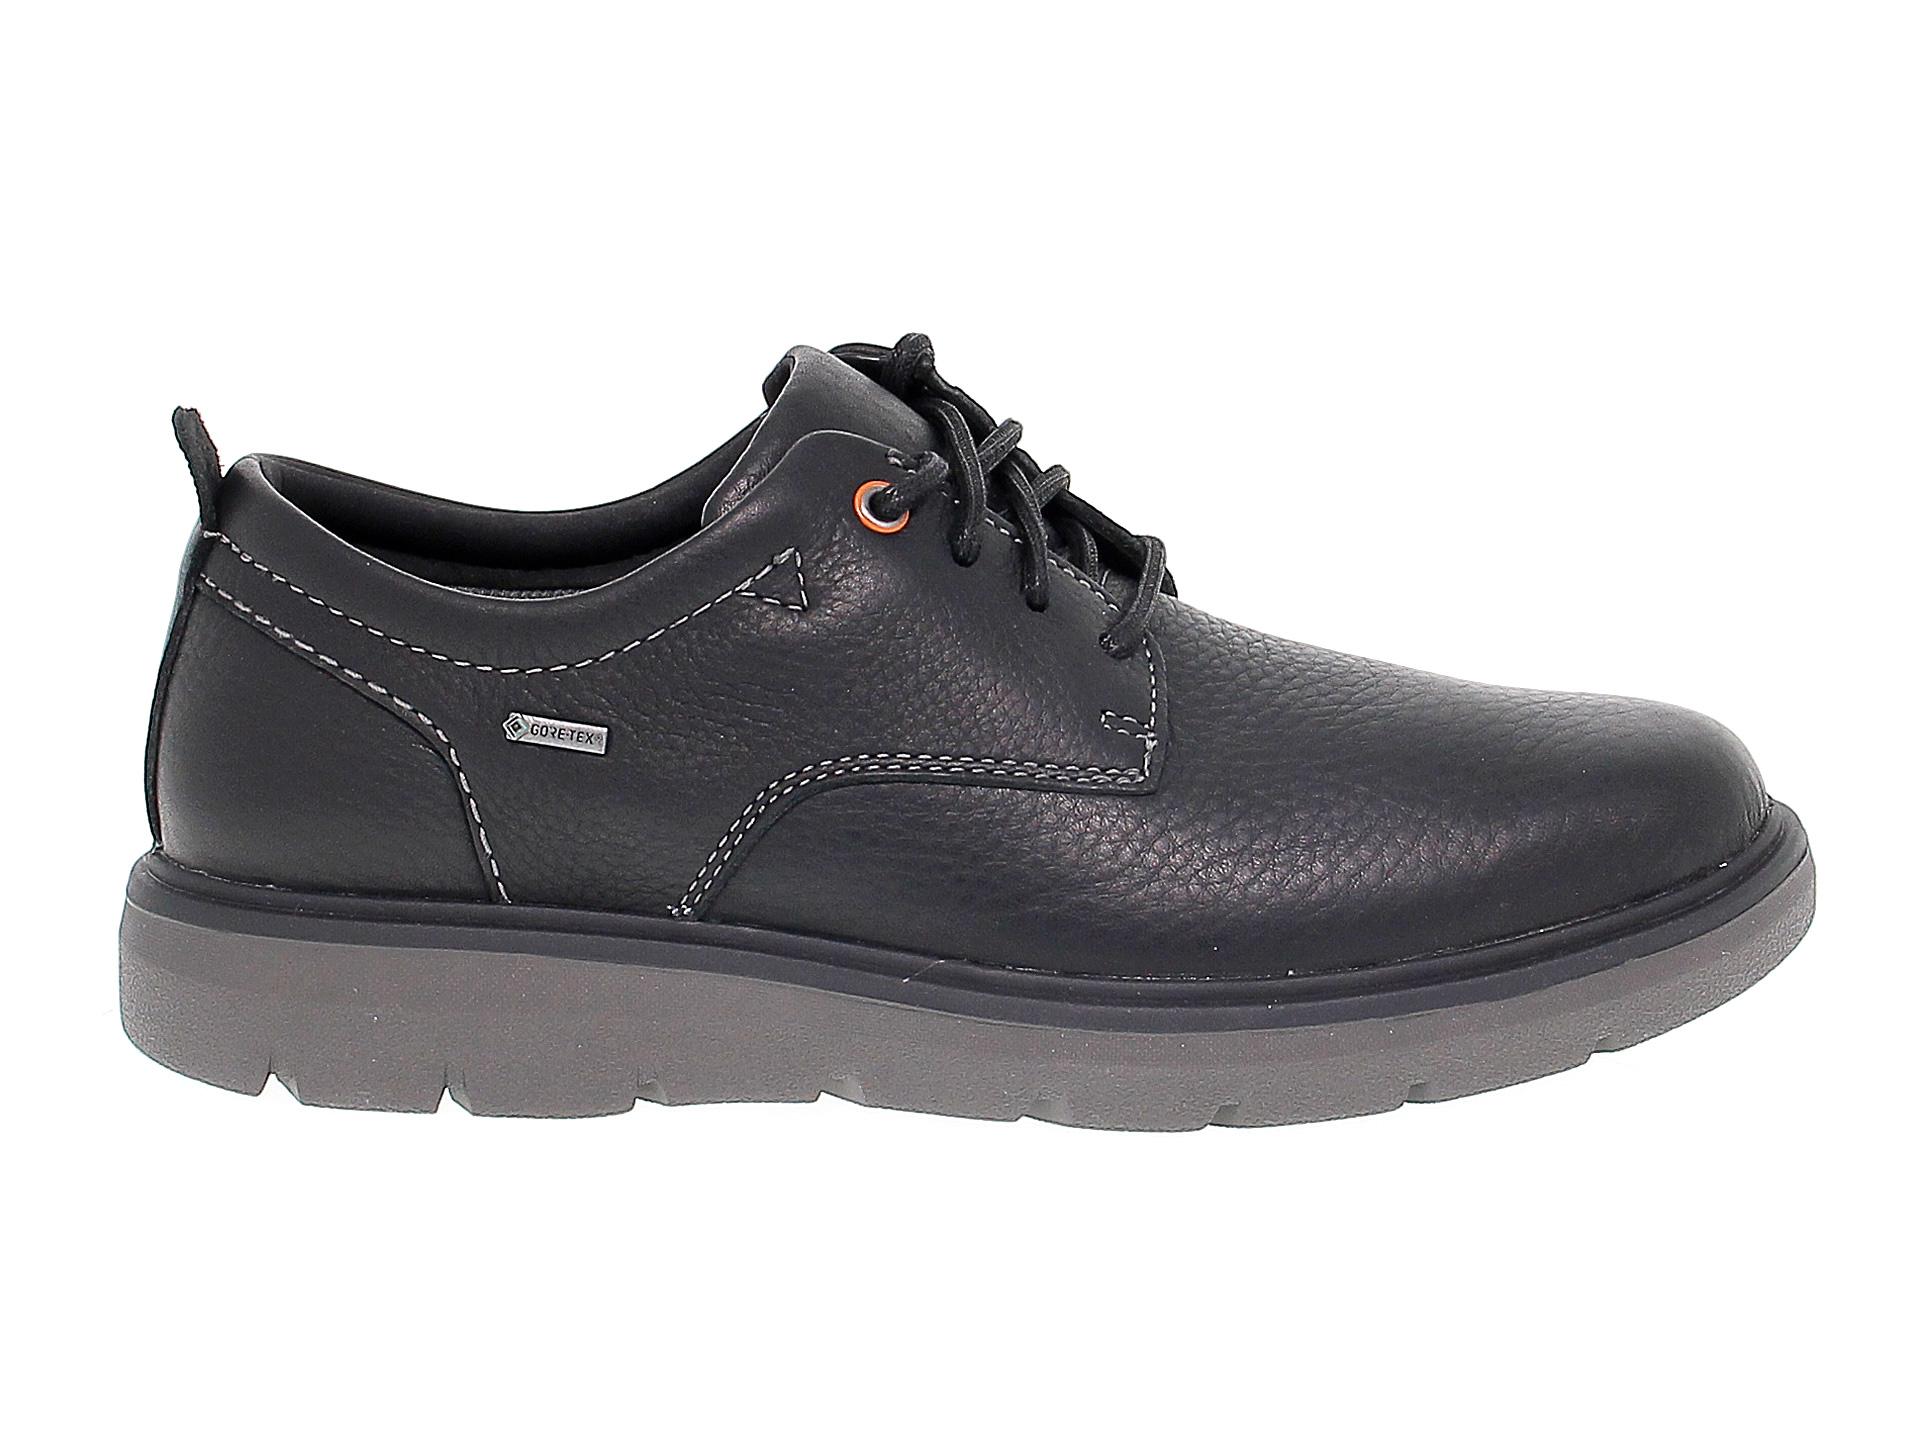 Detalles de Zapatilla CLARKS UNMAPLO de cuero negro Zapatos Hombre